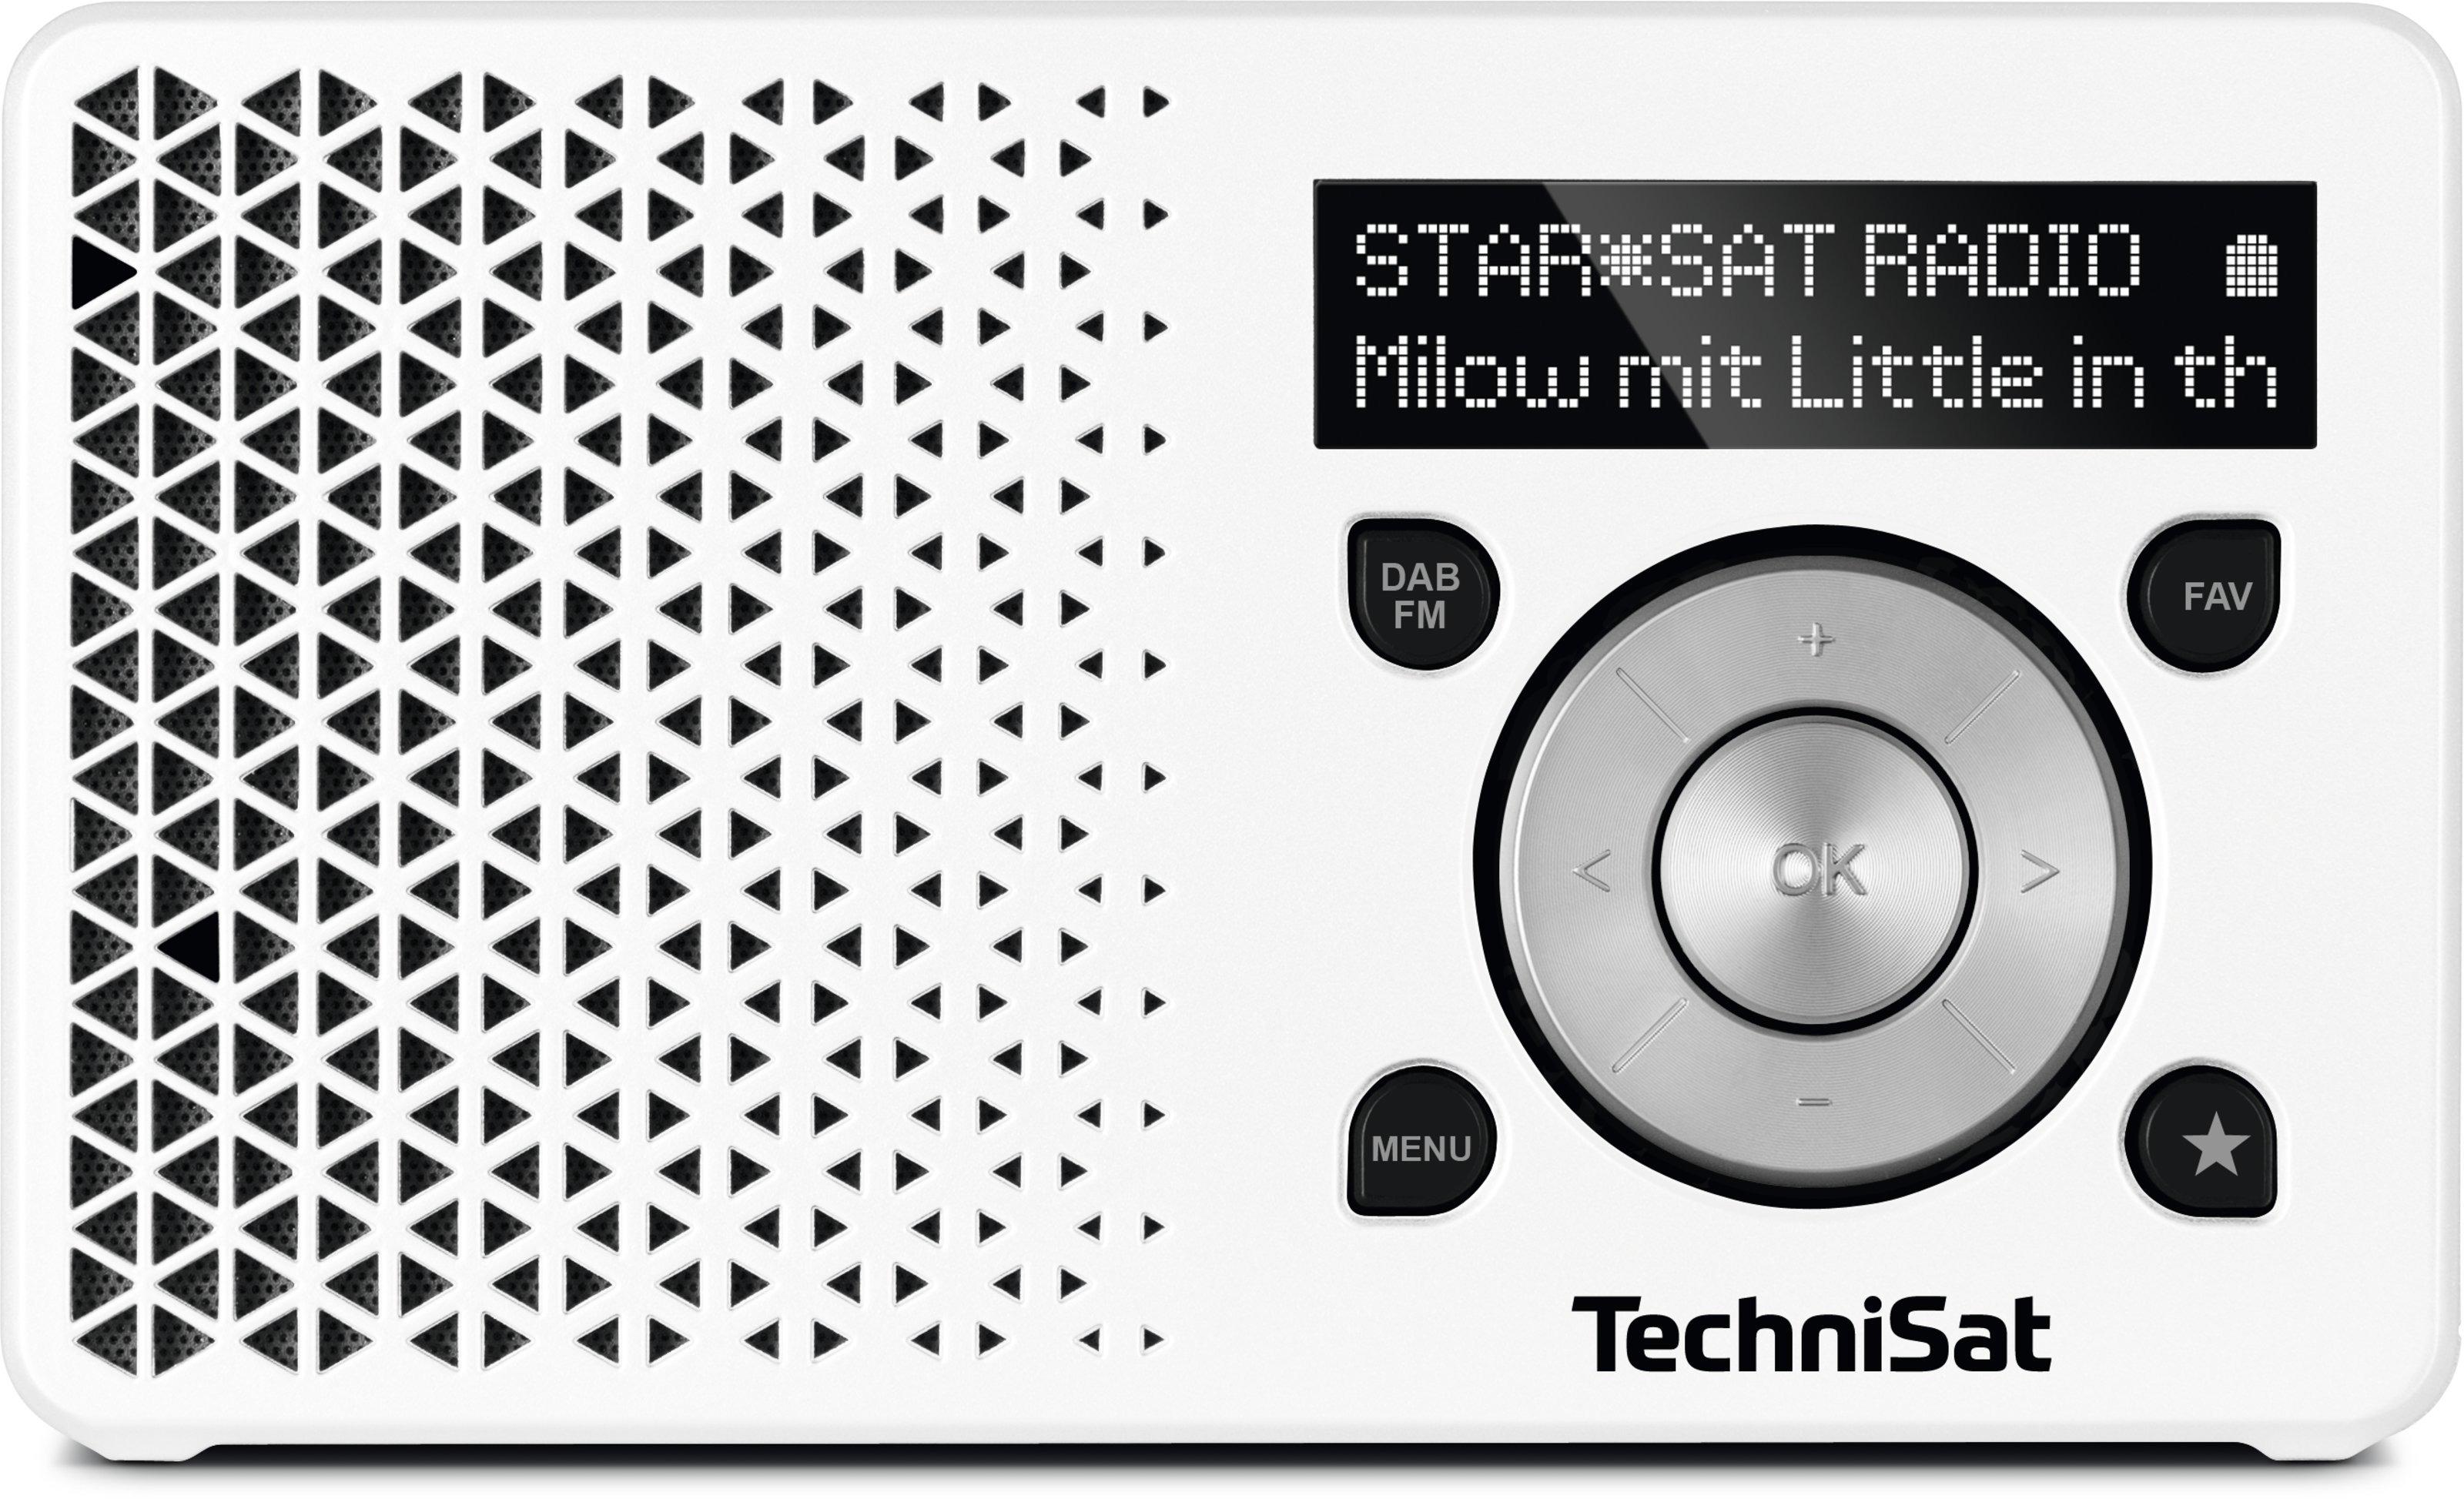 Op bestehardware.nl (de beste hardware onderdelen) is alles over beeld | geluid te vinden: waaronder expert en specifiek TechniSat Digitradio 1 DAB radio Wit (TechniSat-Digitradio-1-DAB-radio-Wit372569665)